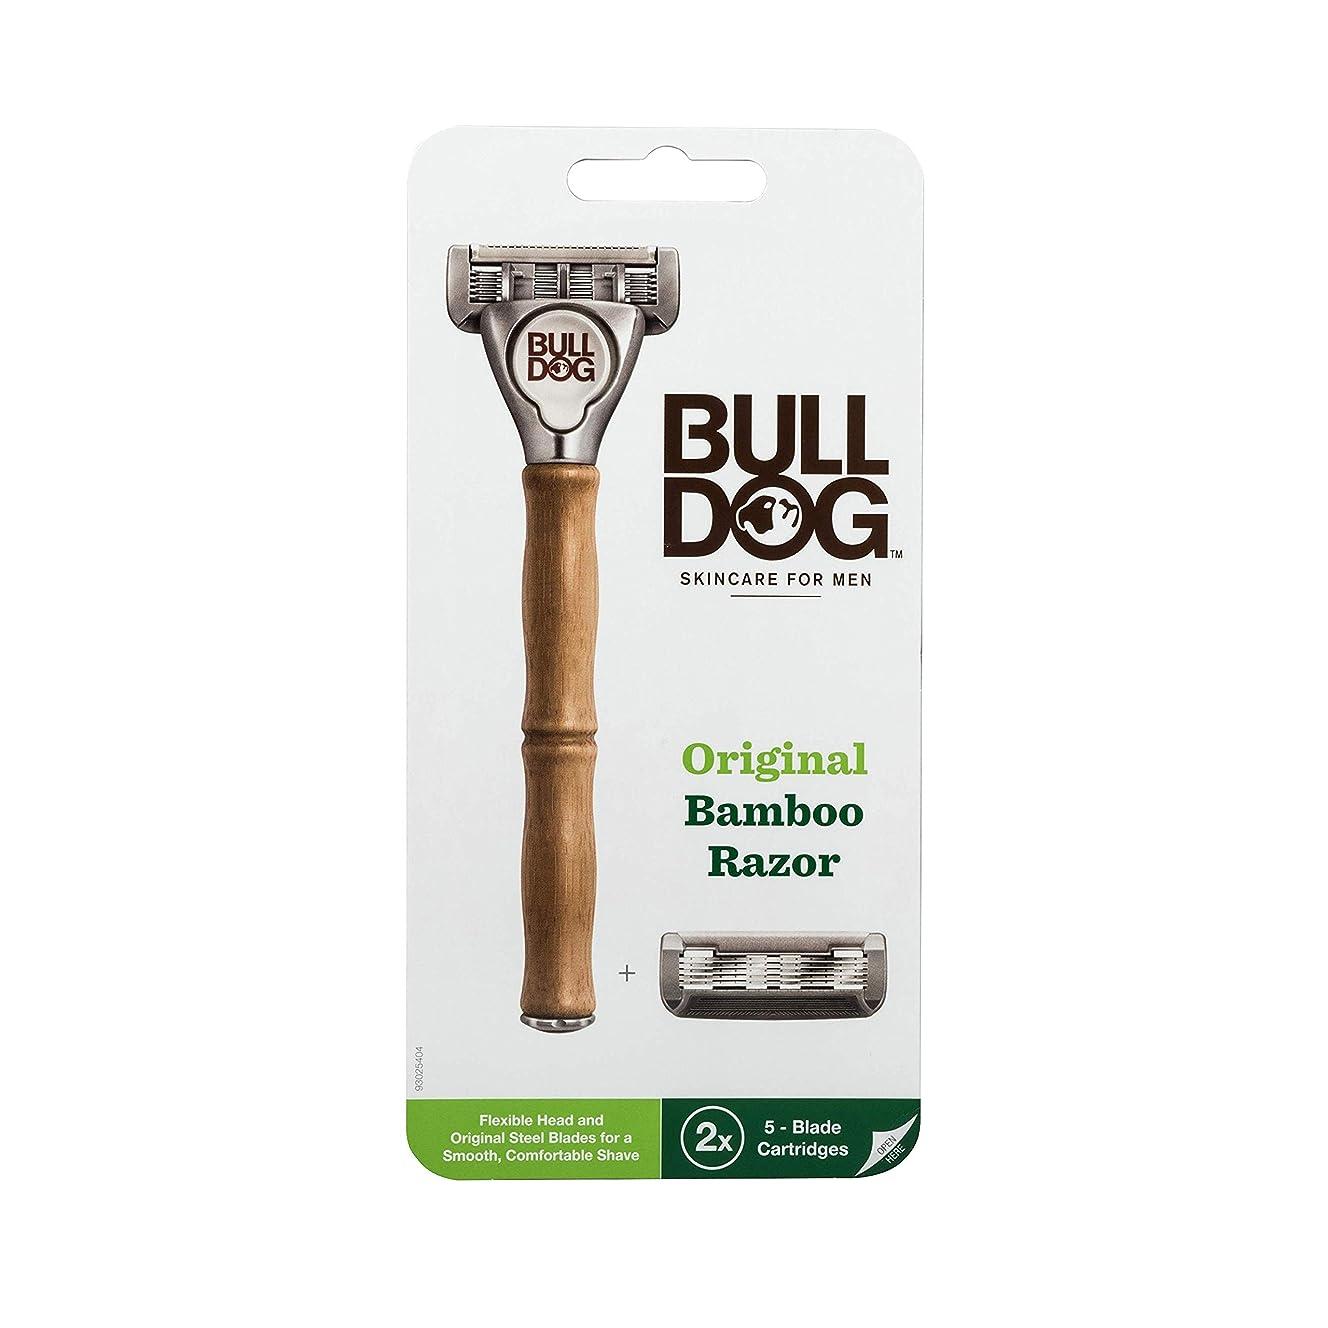 観客ヘア南西ブルドッグ Bulldog 5枚刃 オリジナルバンブーホルダー 水に強い竹製ハンドル 替刃 2コ付 男性カミソリ